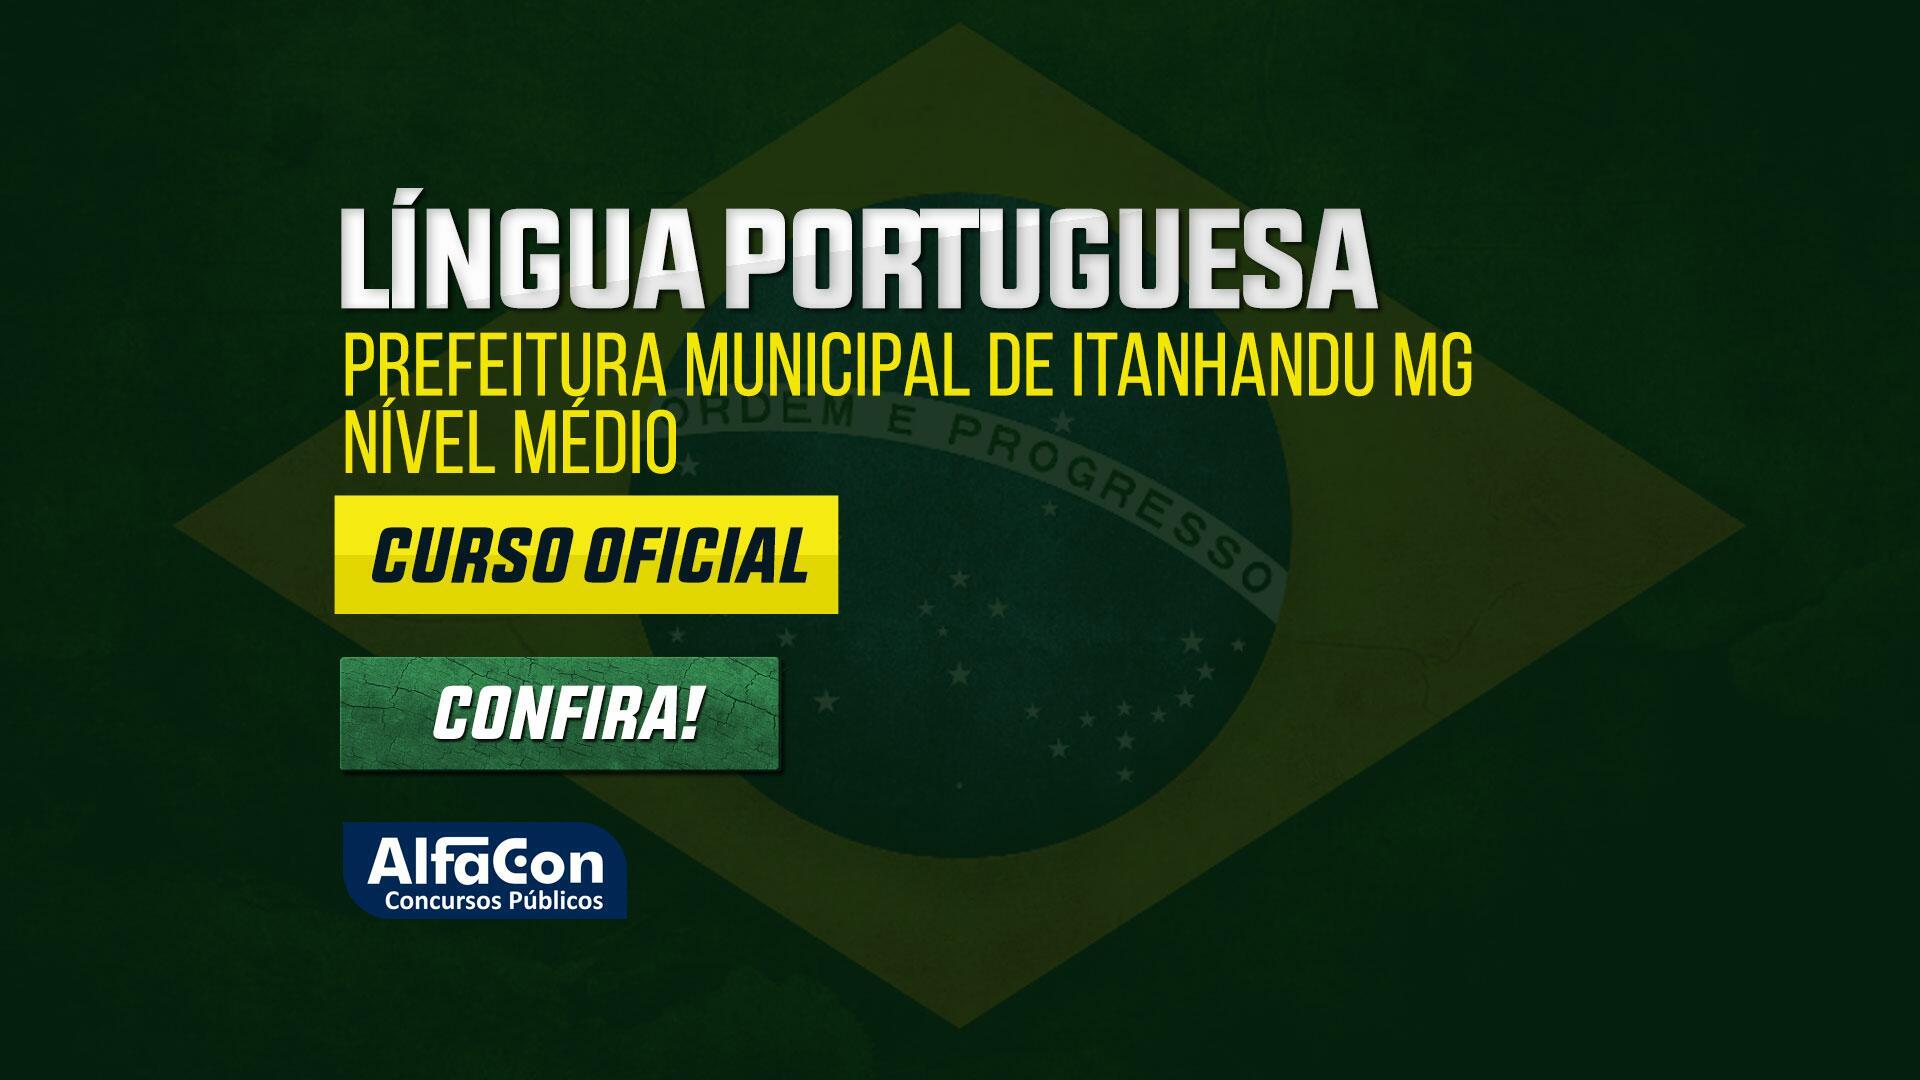 Língua Portuguesa para Prefeitura Municipal de Itanhandu MG - Nível Médio